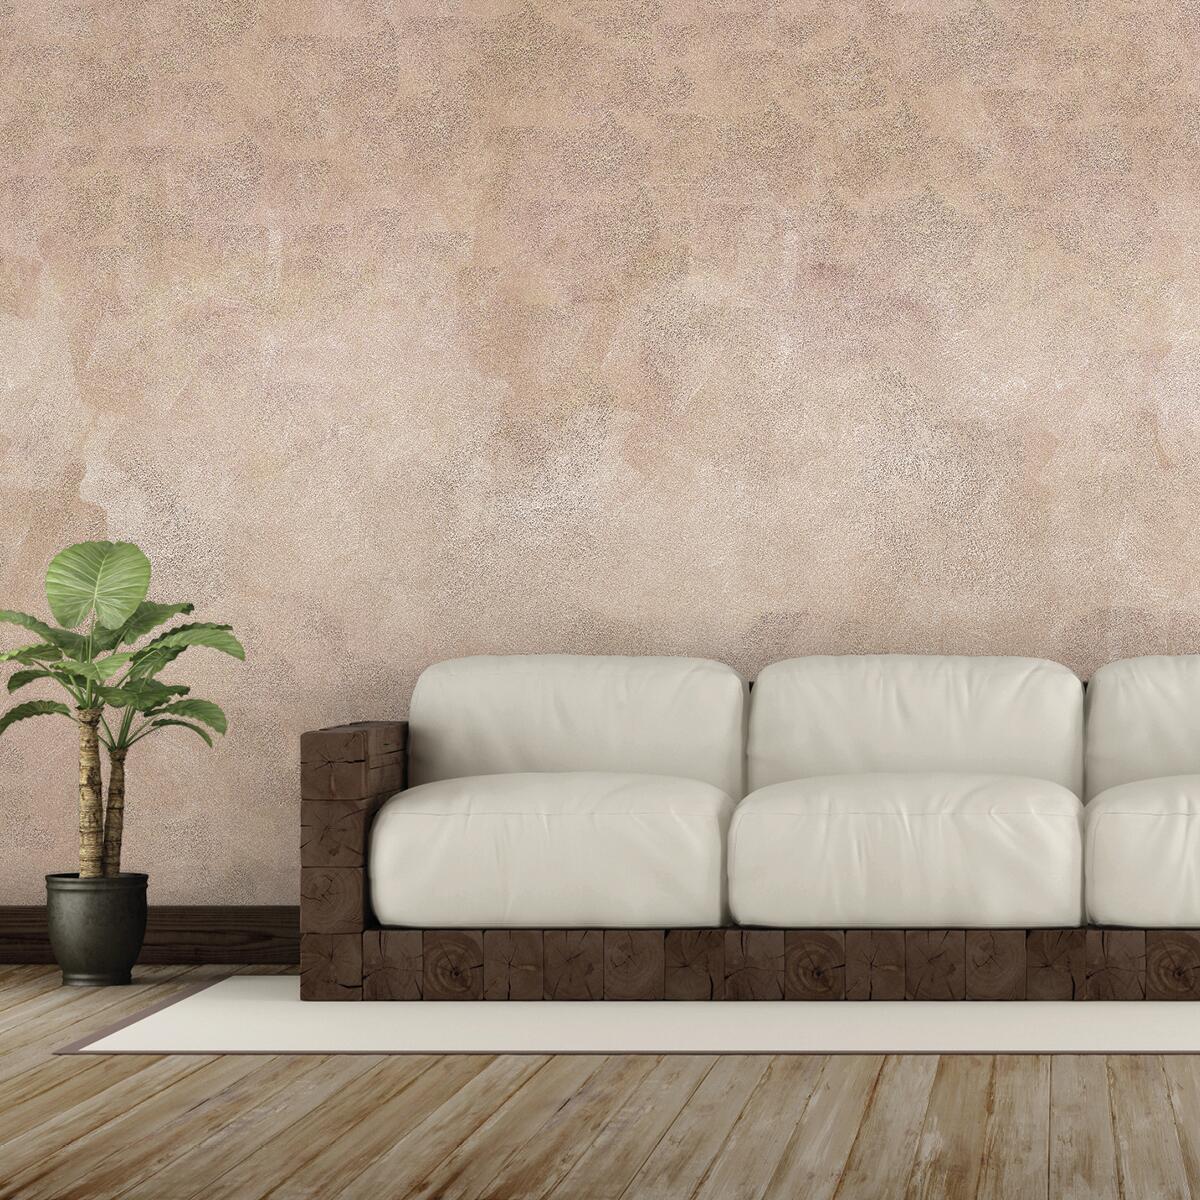 Pittura decorativa effetto sabbiato marrone talpa 5 2 l GECKOS - 4